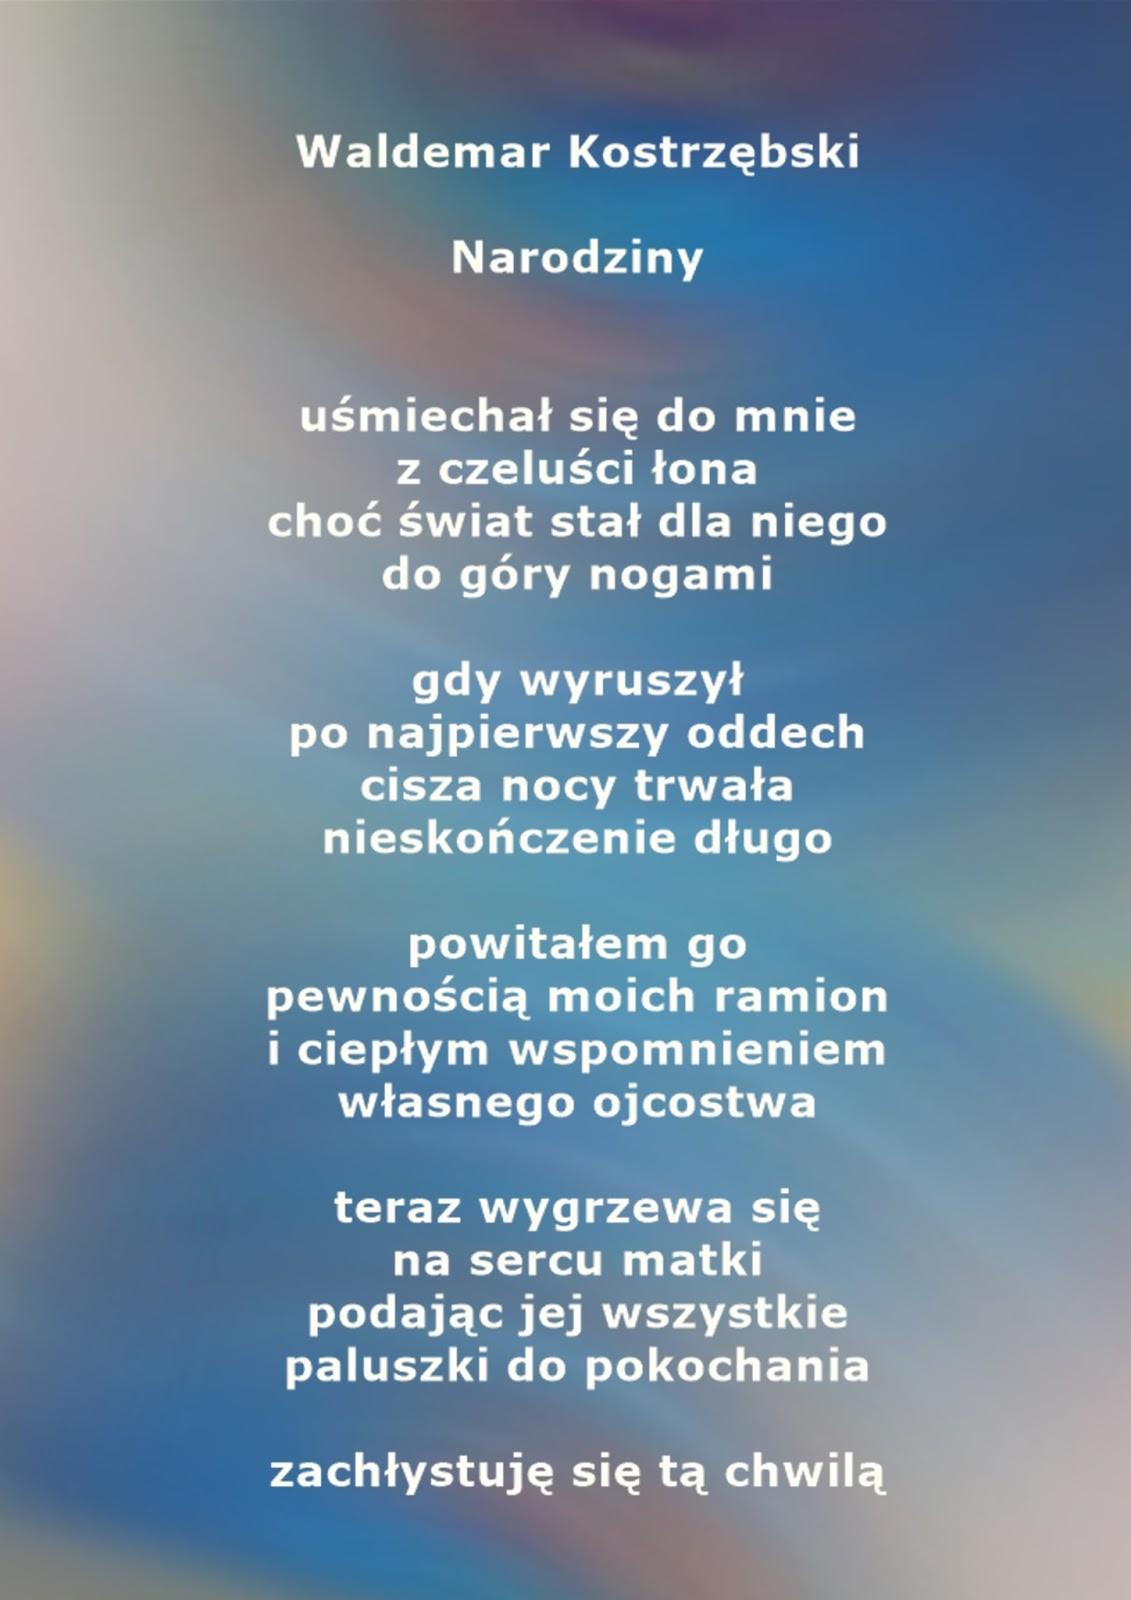 Poezja Po Godzinach Waldemar Kostrzębski 2017